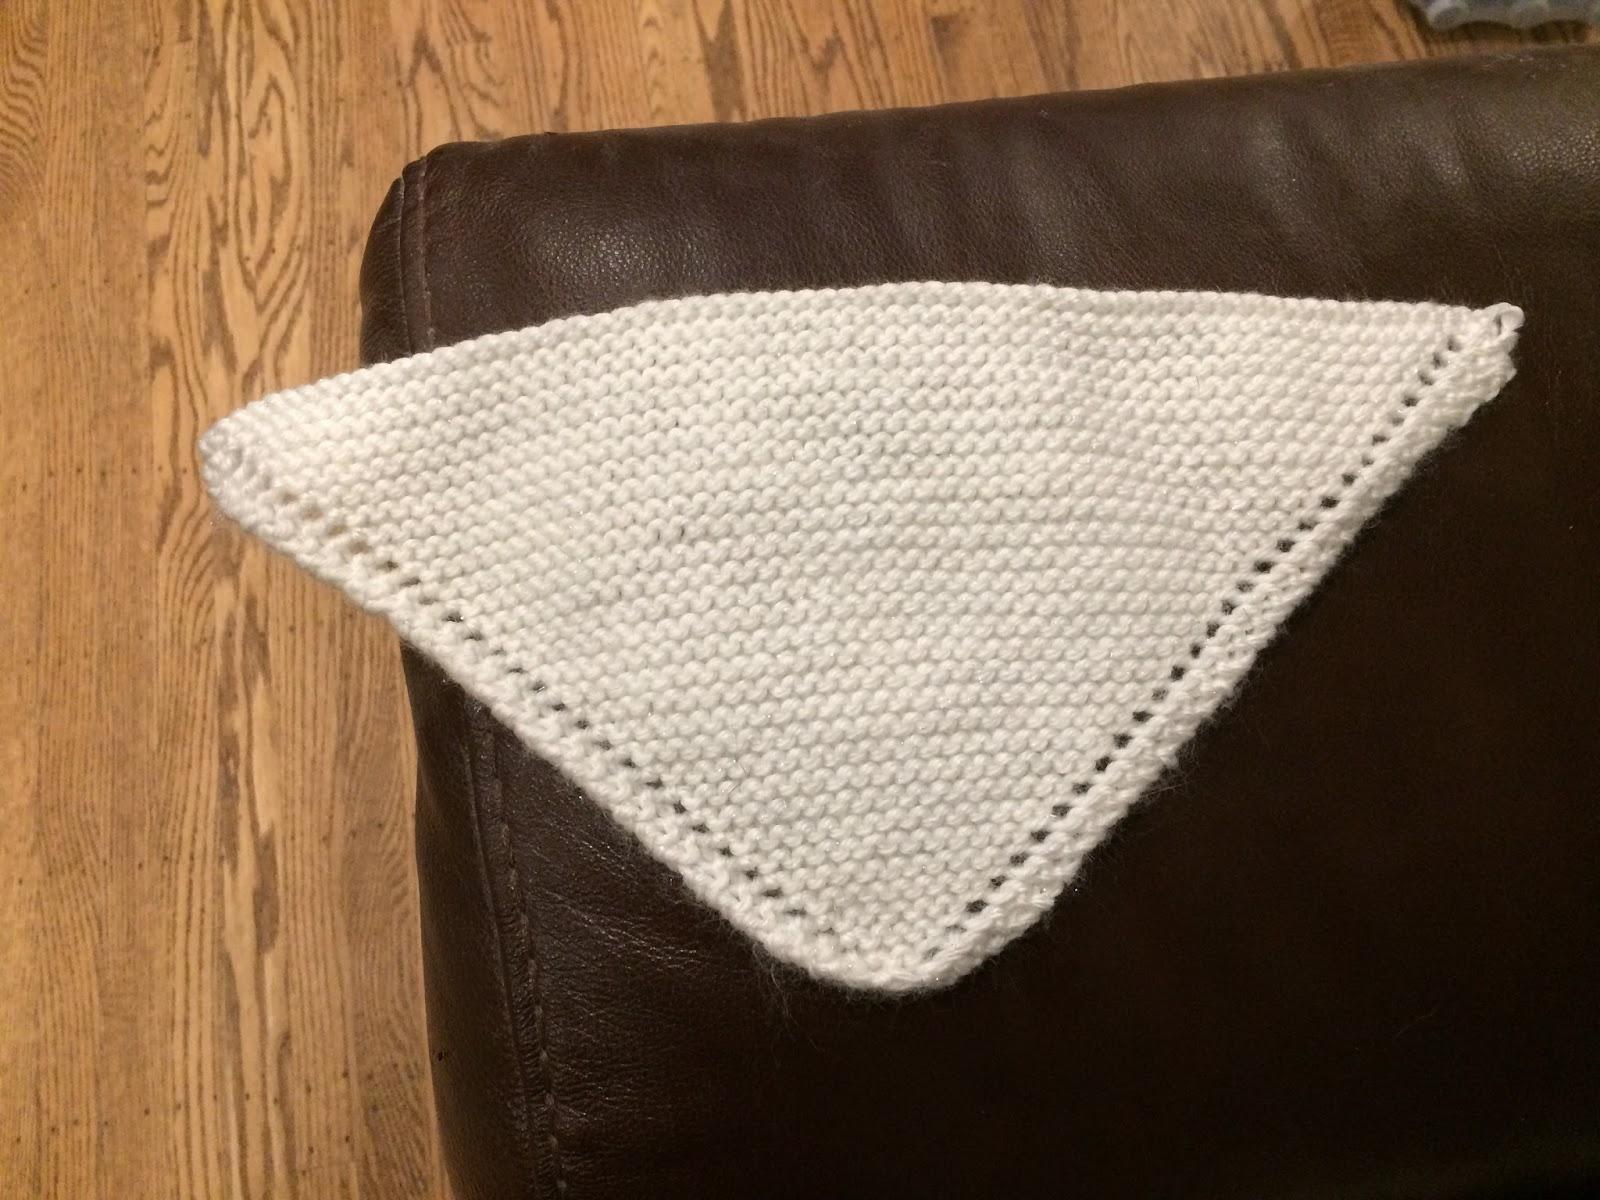 Knitting Pattern For Dolls Shawl : Everything Sewing: A Dolls Shawl